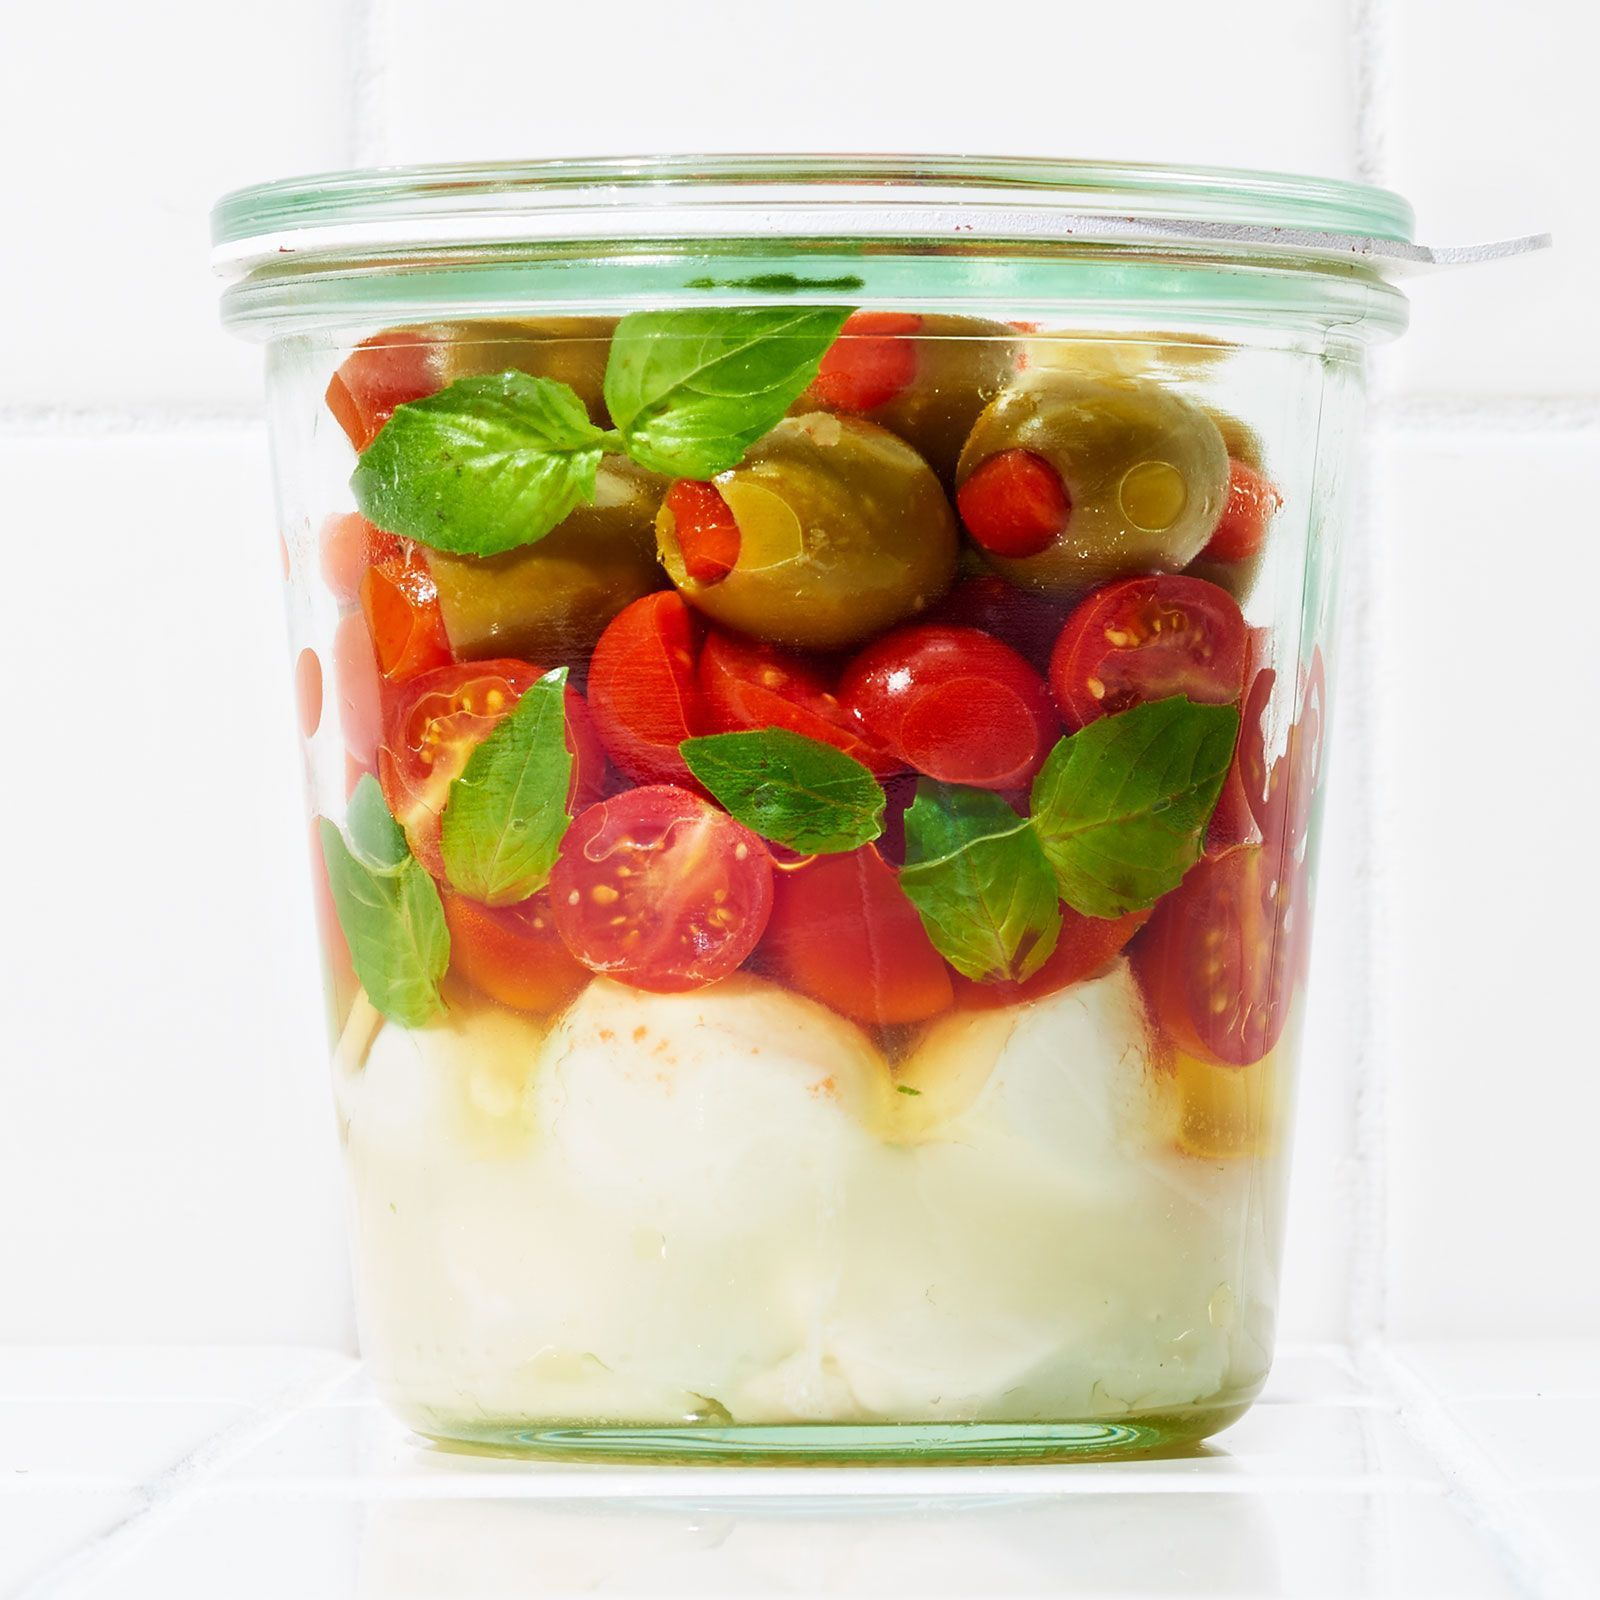 Rote beete salat aus dem glas gesund